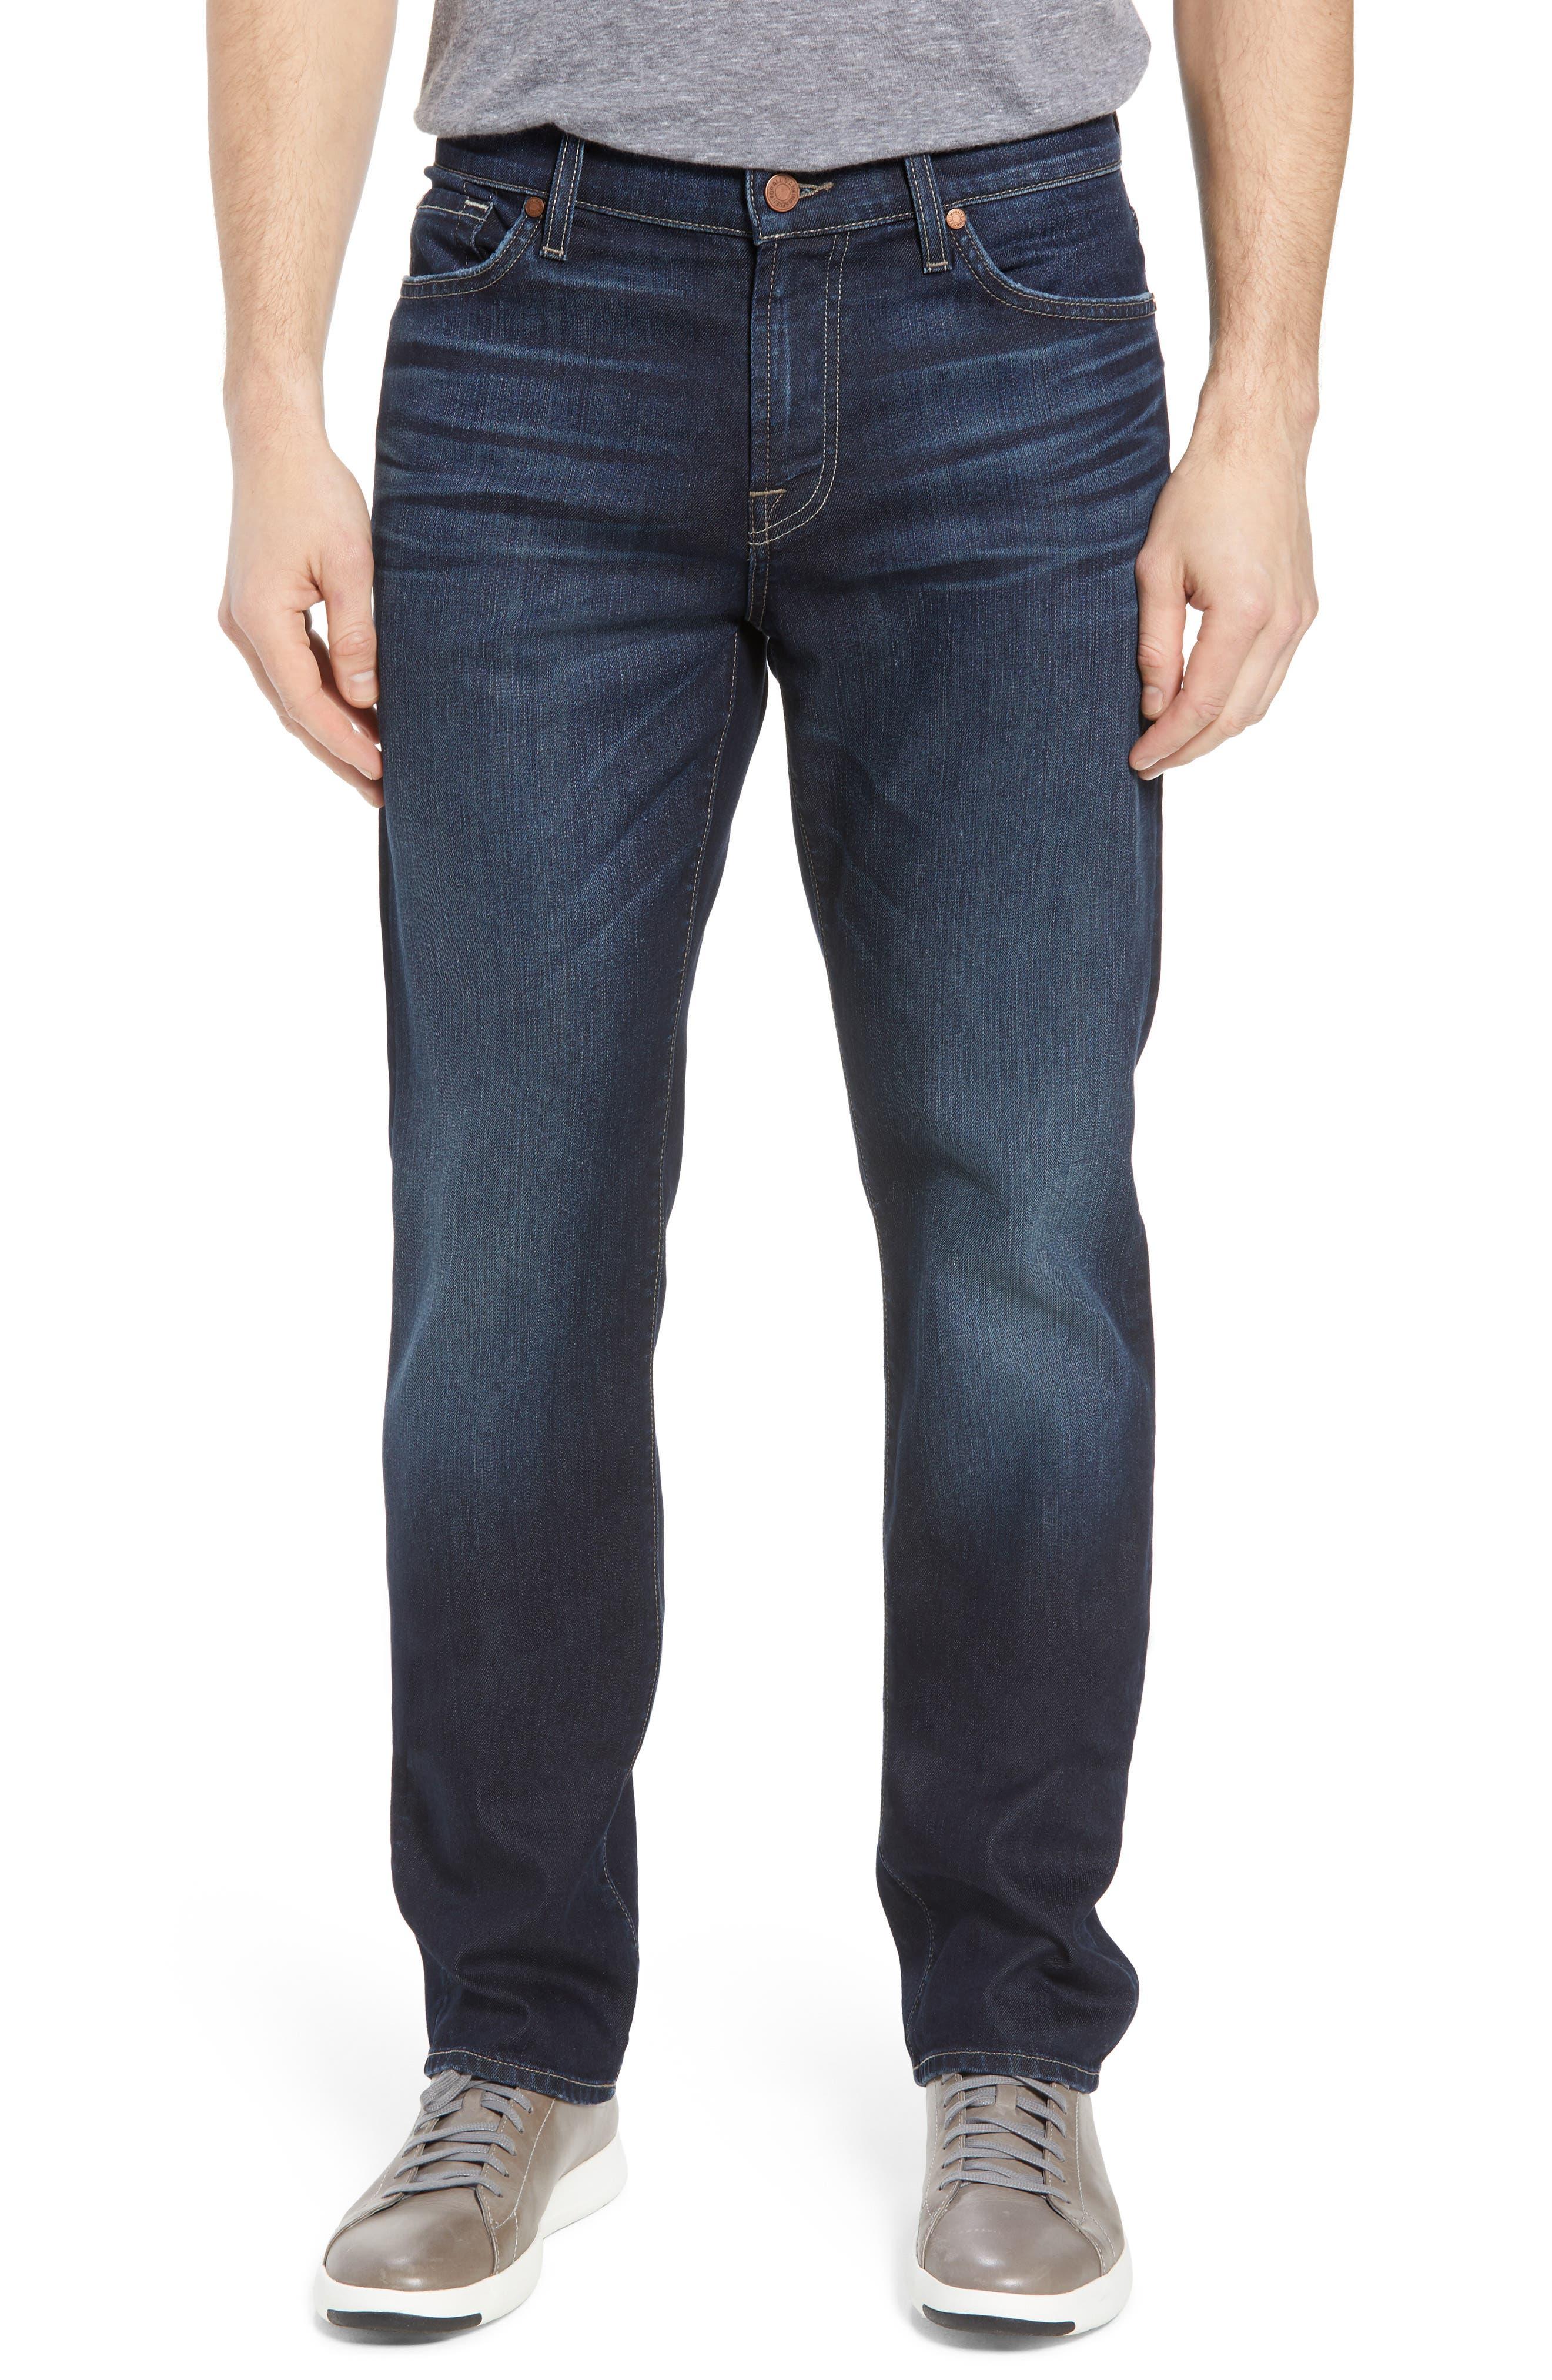 Airweft Standard Straight Leg Jeans,                             Main thumbnail 1, color,                             Concierge